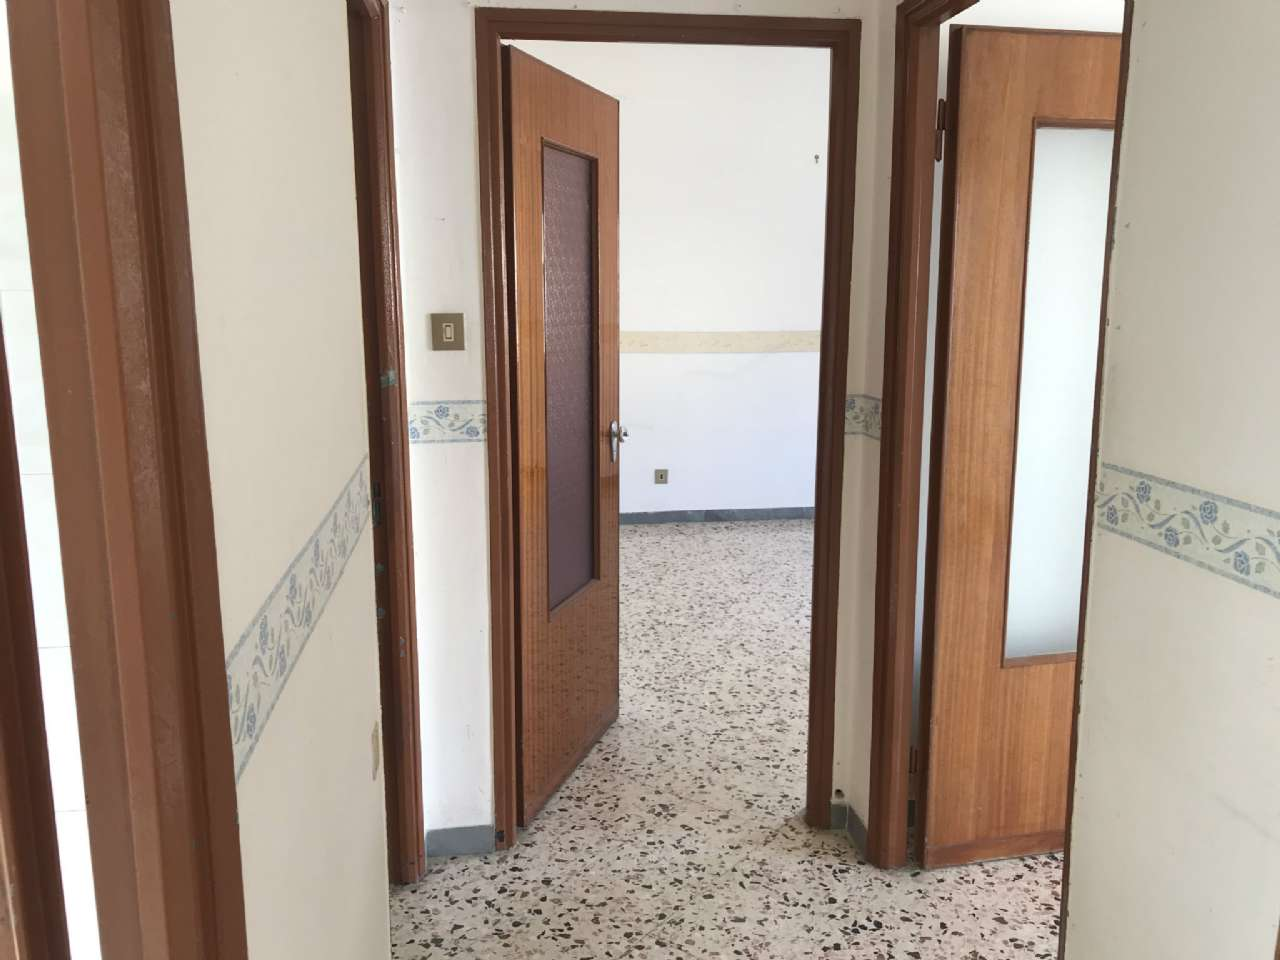 Trilocale, Via Filippo Orioles, Zona Tribunale/Imera, Palermo, foto 8